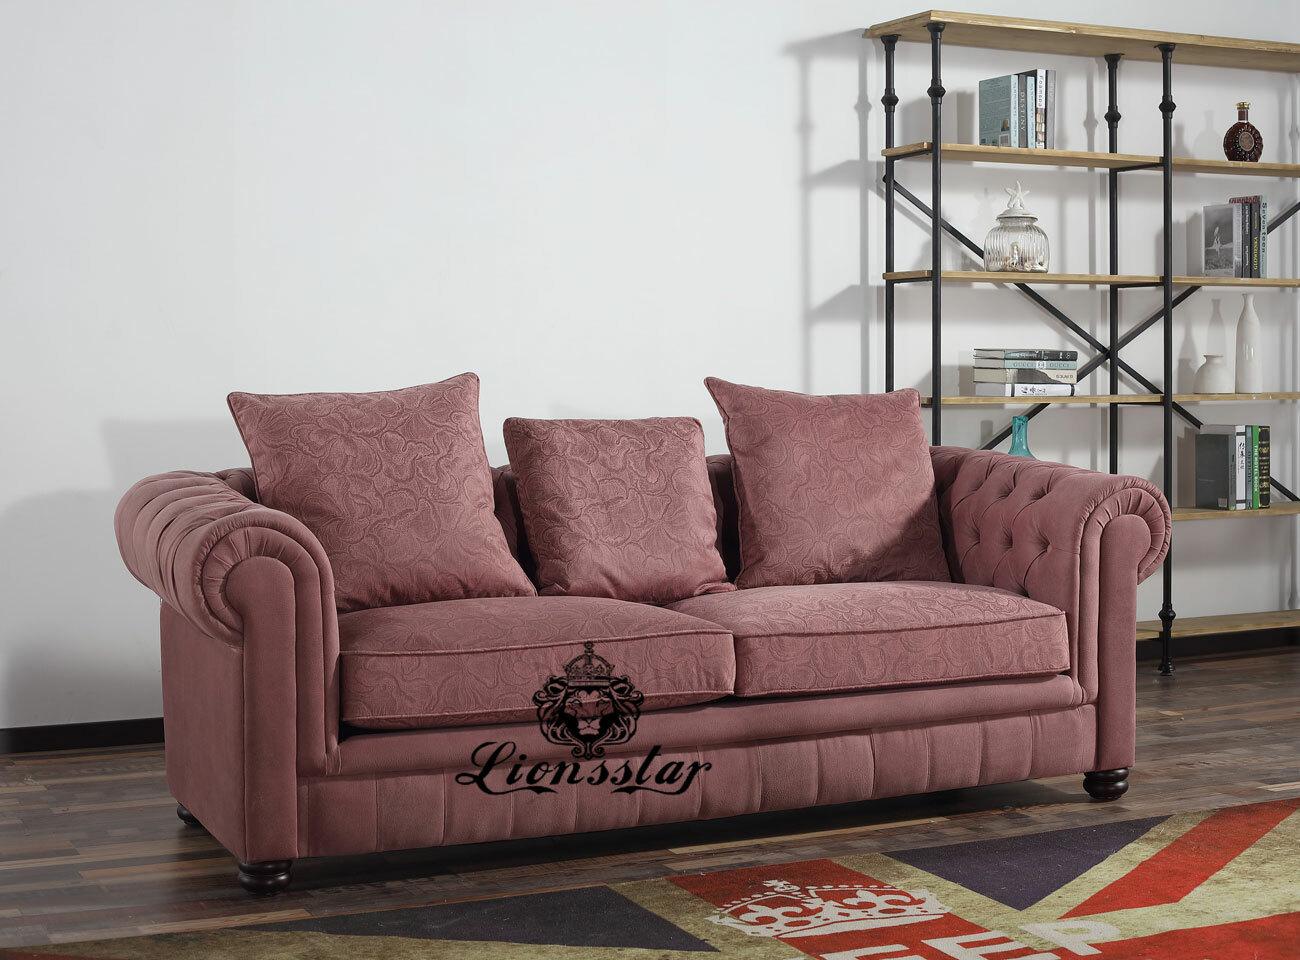 Edles Design Sofa Set Klassisch Altrosa